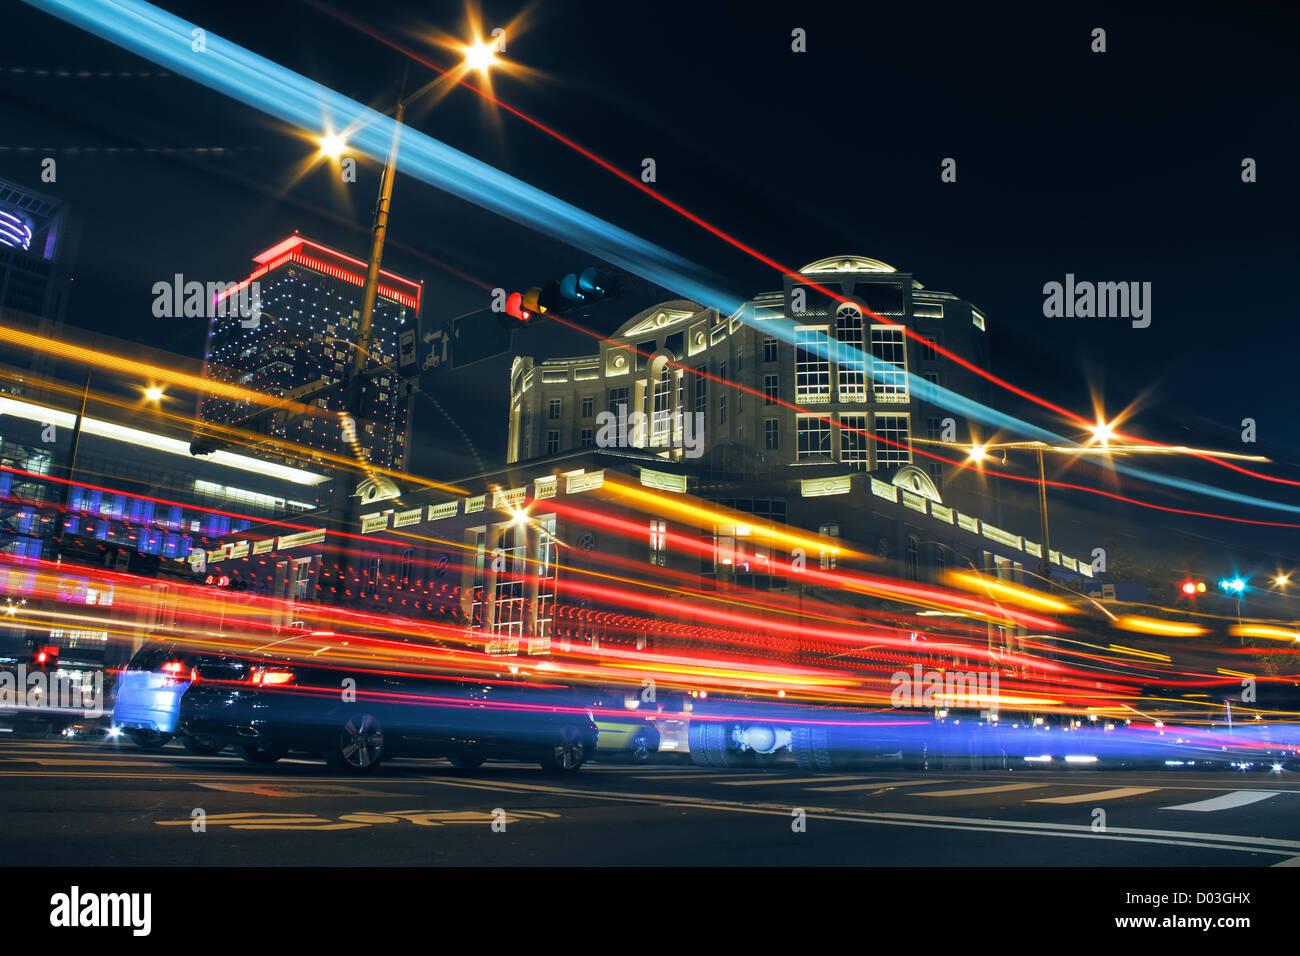 Bunte Stadt Nacht mit Lichtern der Autos Bewegung verwischt in Taipei, Taiwan, Asien. Stockbild